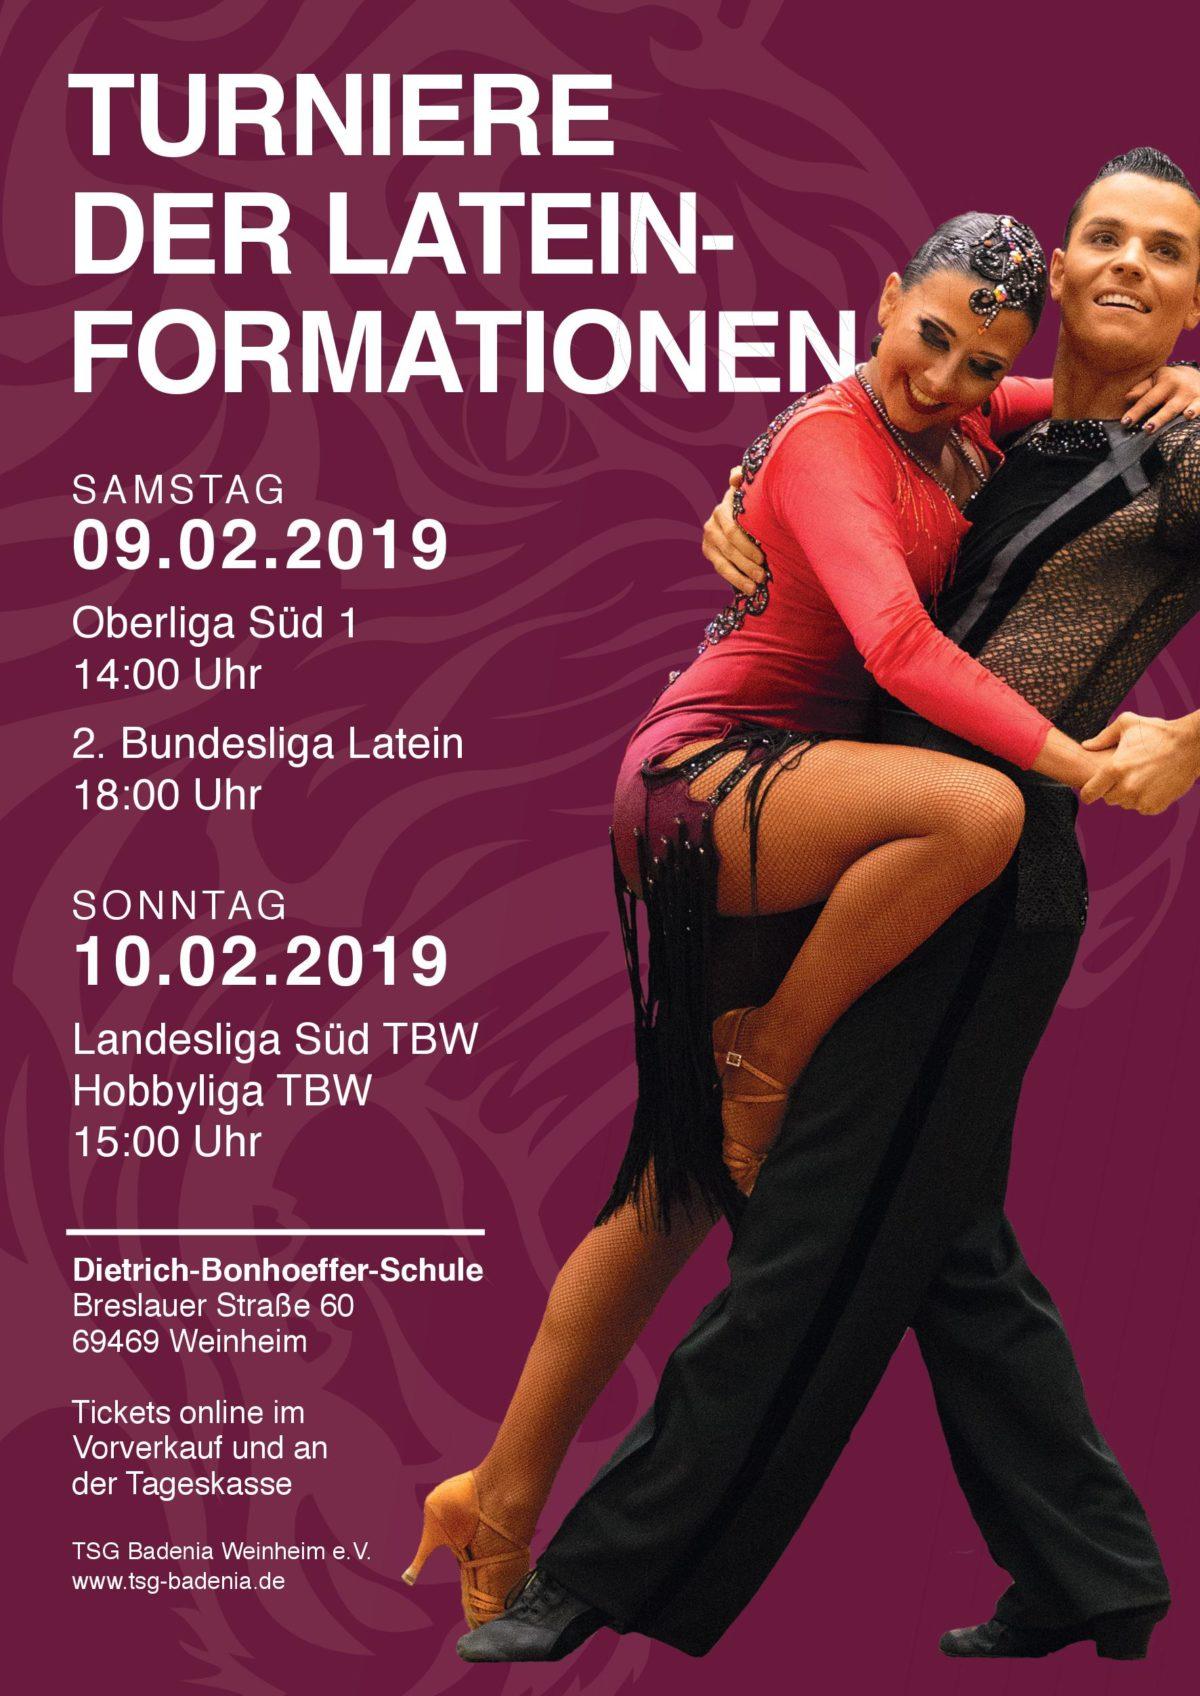 Turnierwochenende in Weinheim – nicht verpassen!